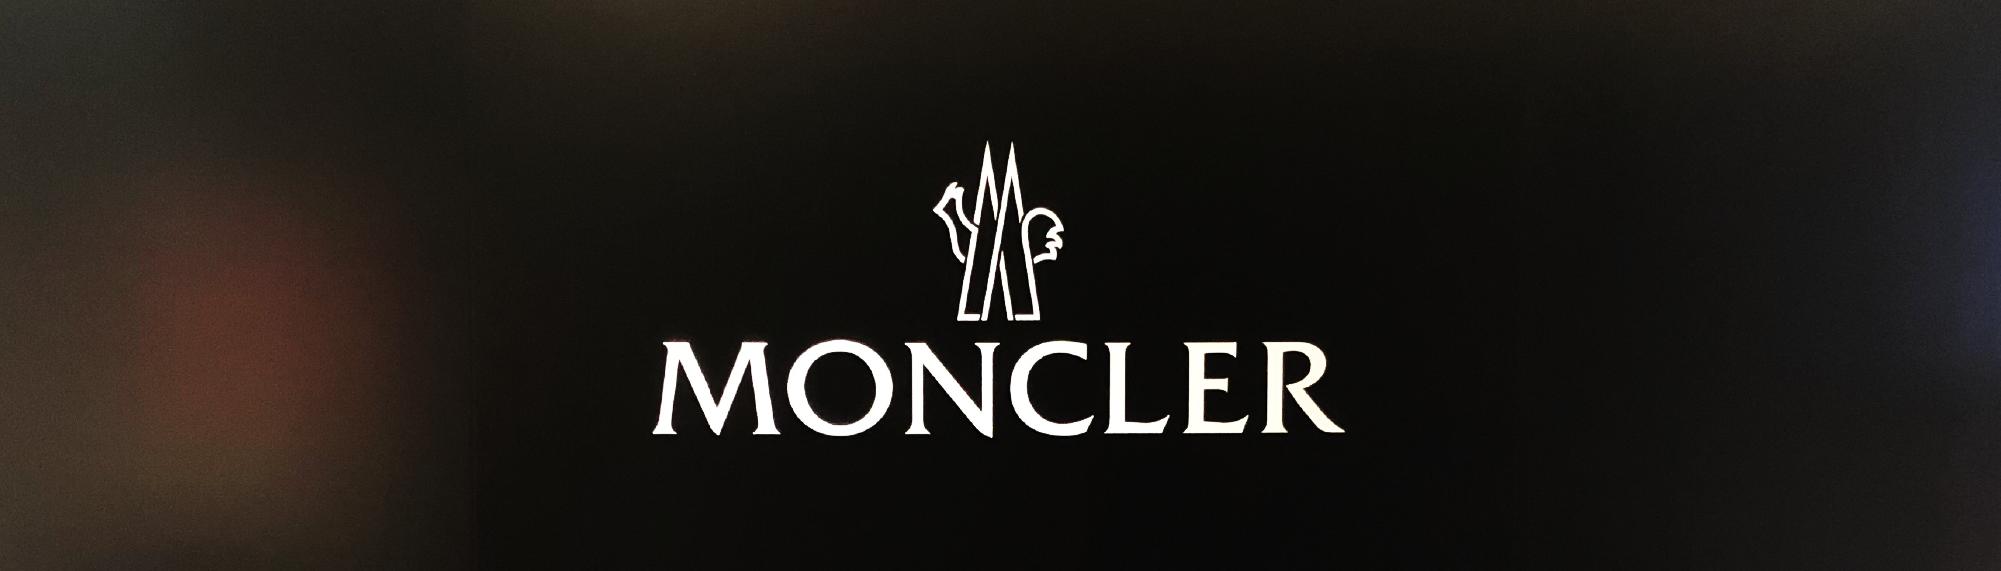 몽클레르 팜 앤젤스 콜라보레이션 기념 이벤트